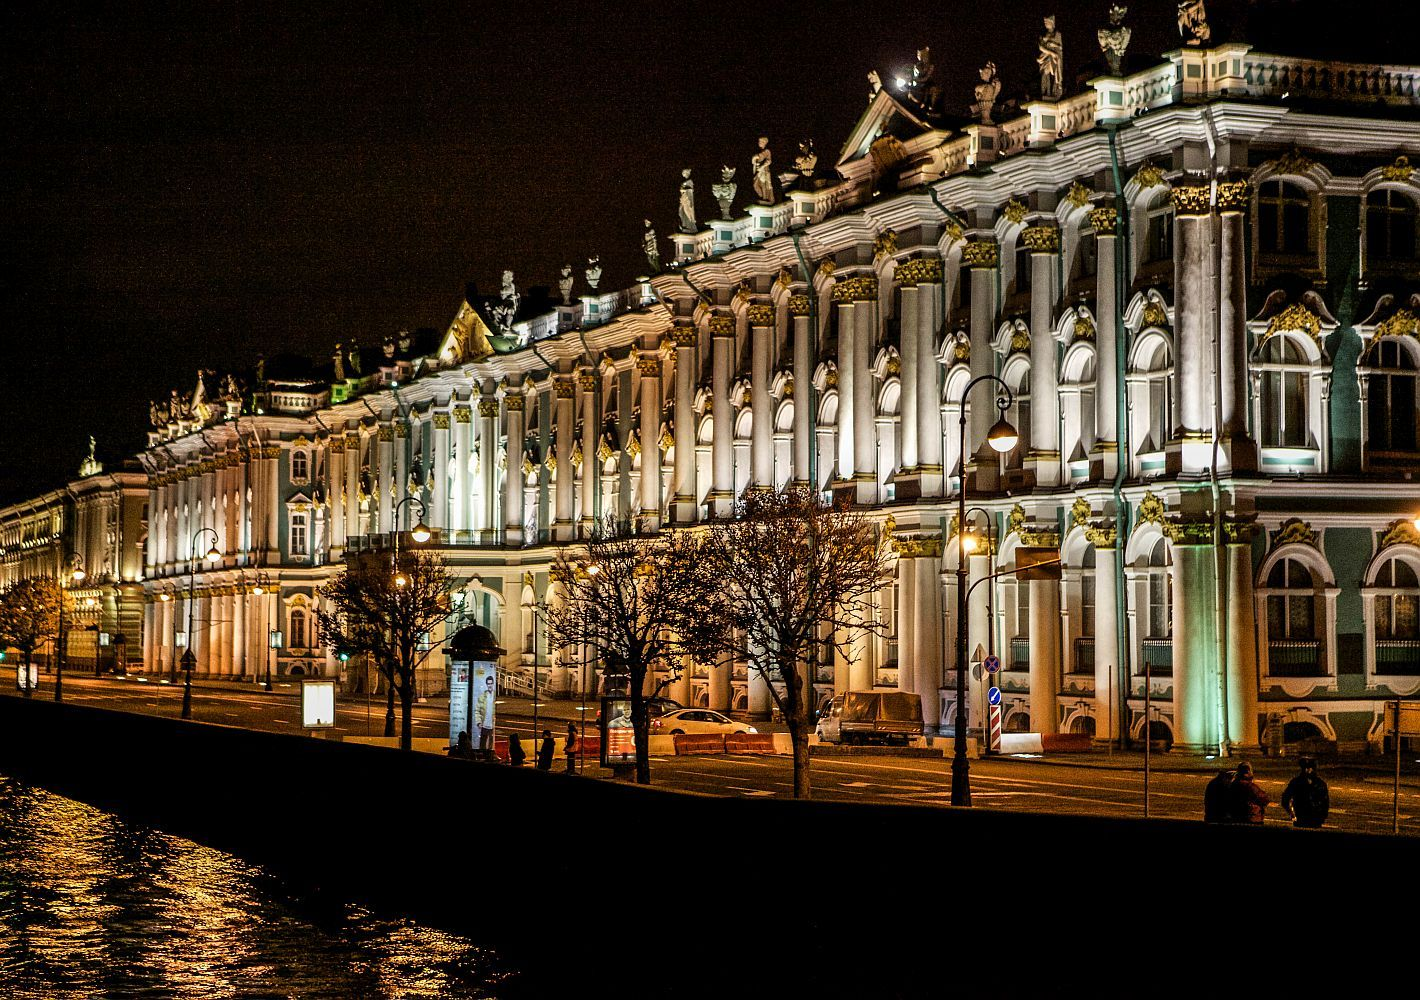 Внимание, конкурс: выиграй поездку в Санкт-Петербург!